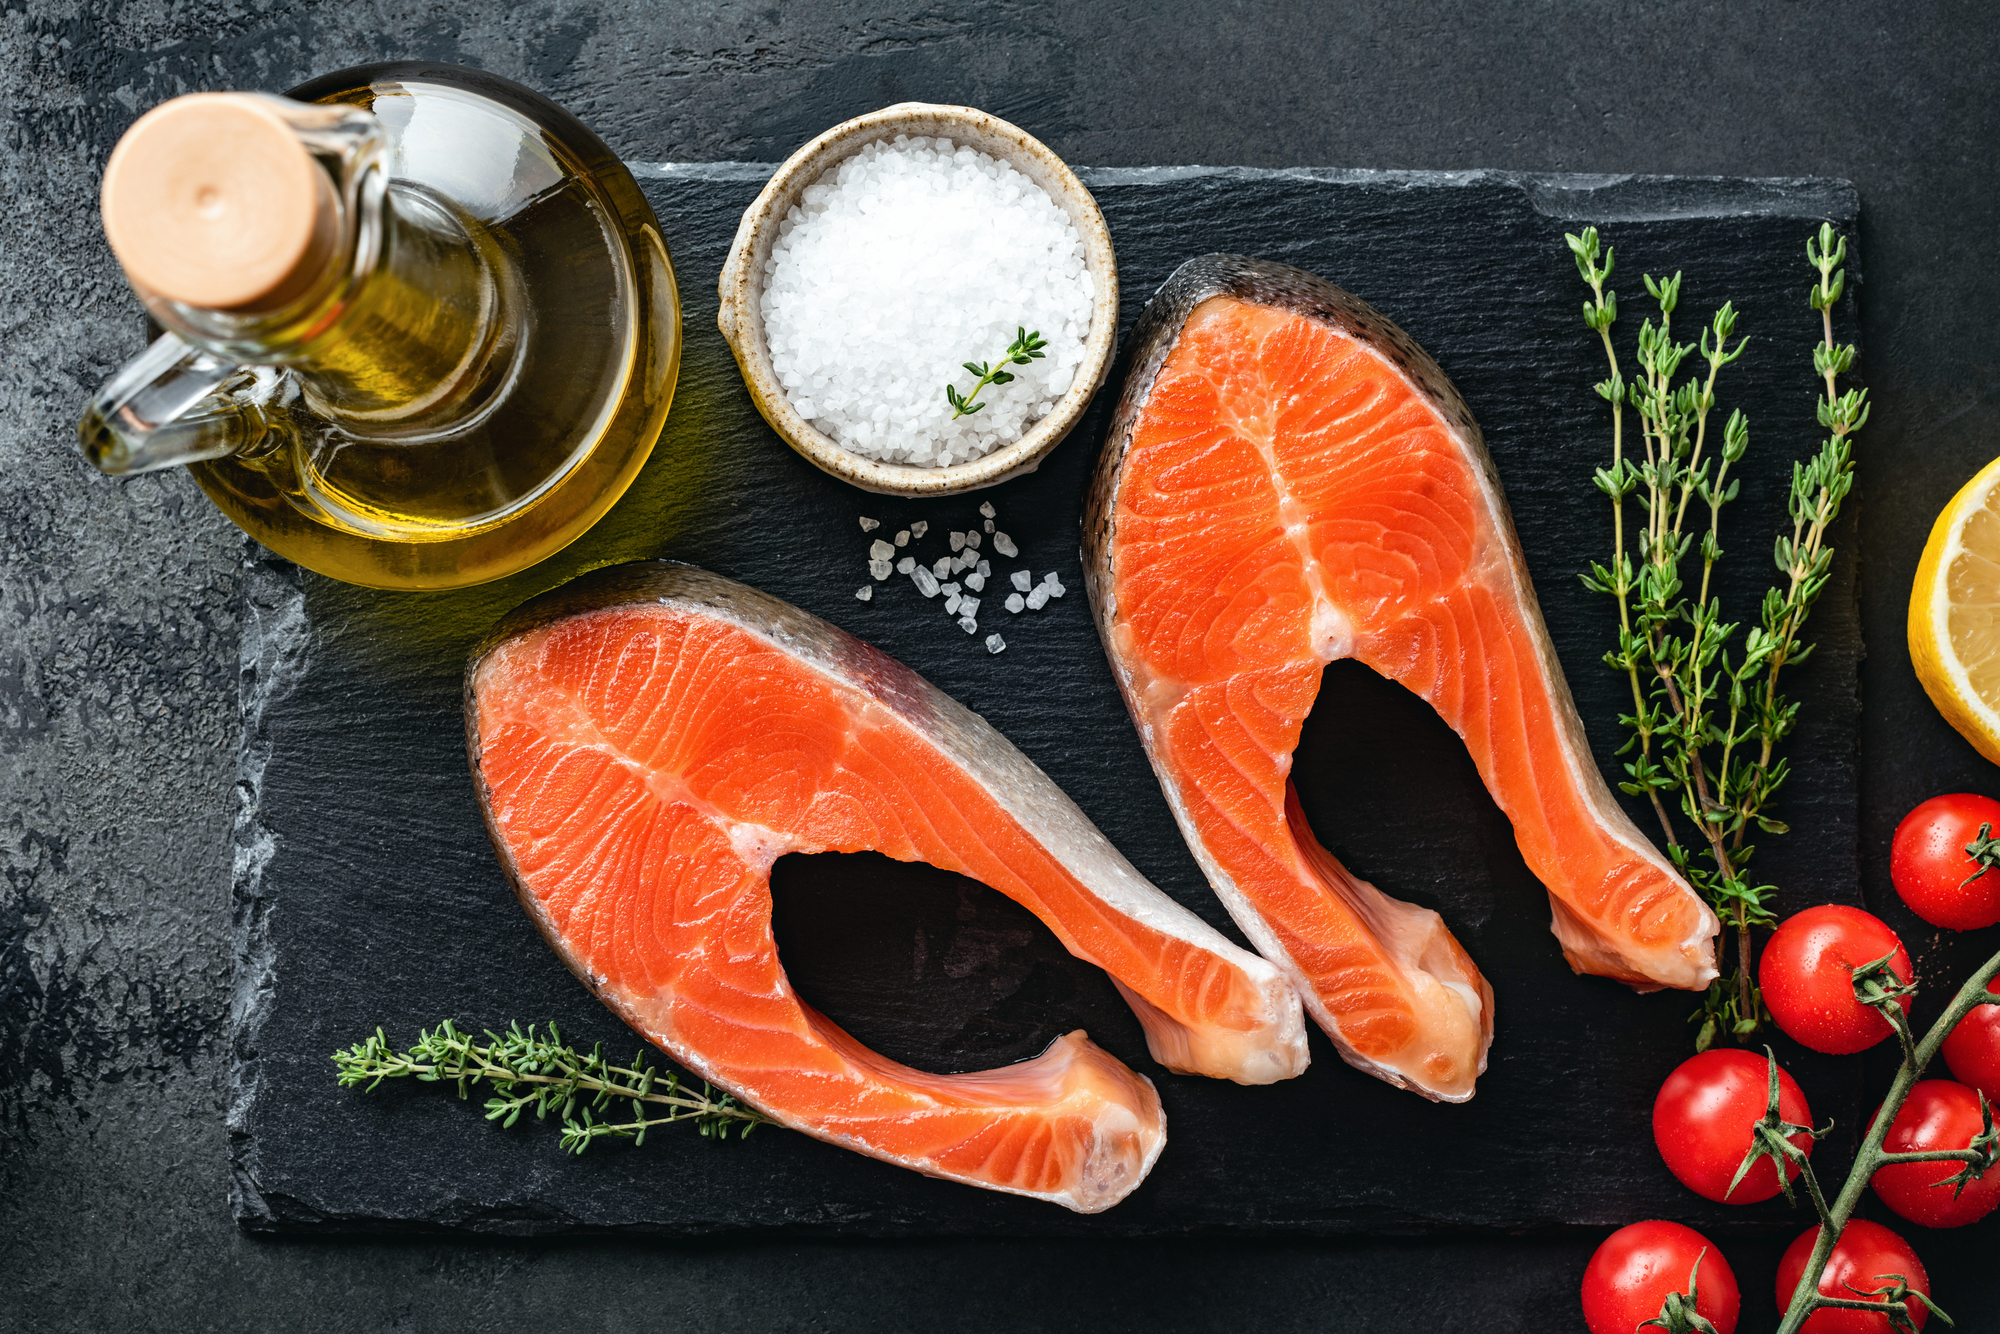 鮭の美肌効果と美味しいレシピ